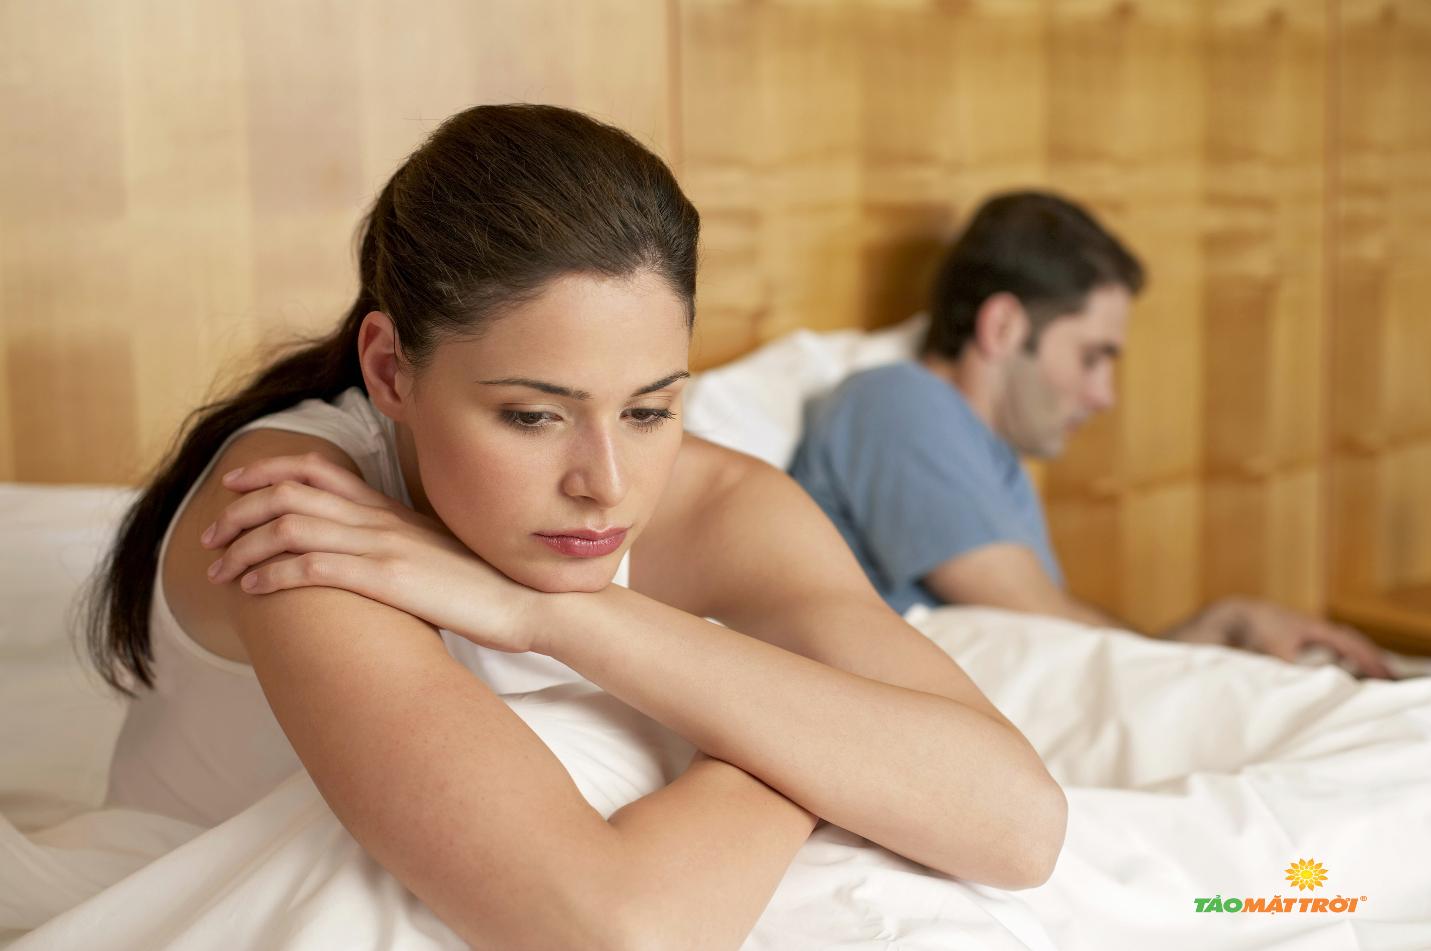 """Vợ chồng suýt ly hôn chỉ vì tôi """"quá gầy""""  - Ảnh 1"""